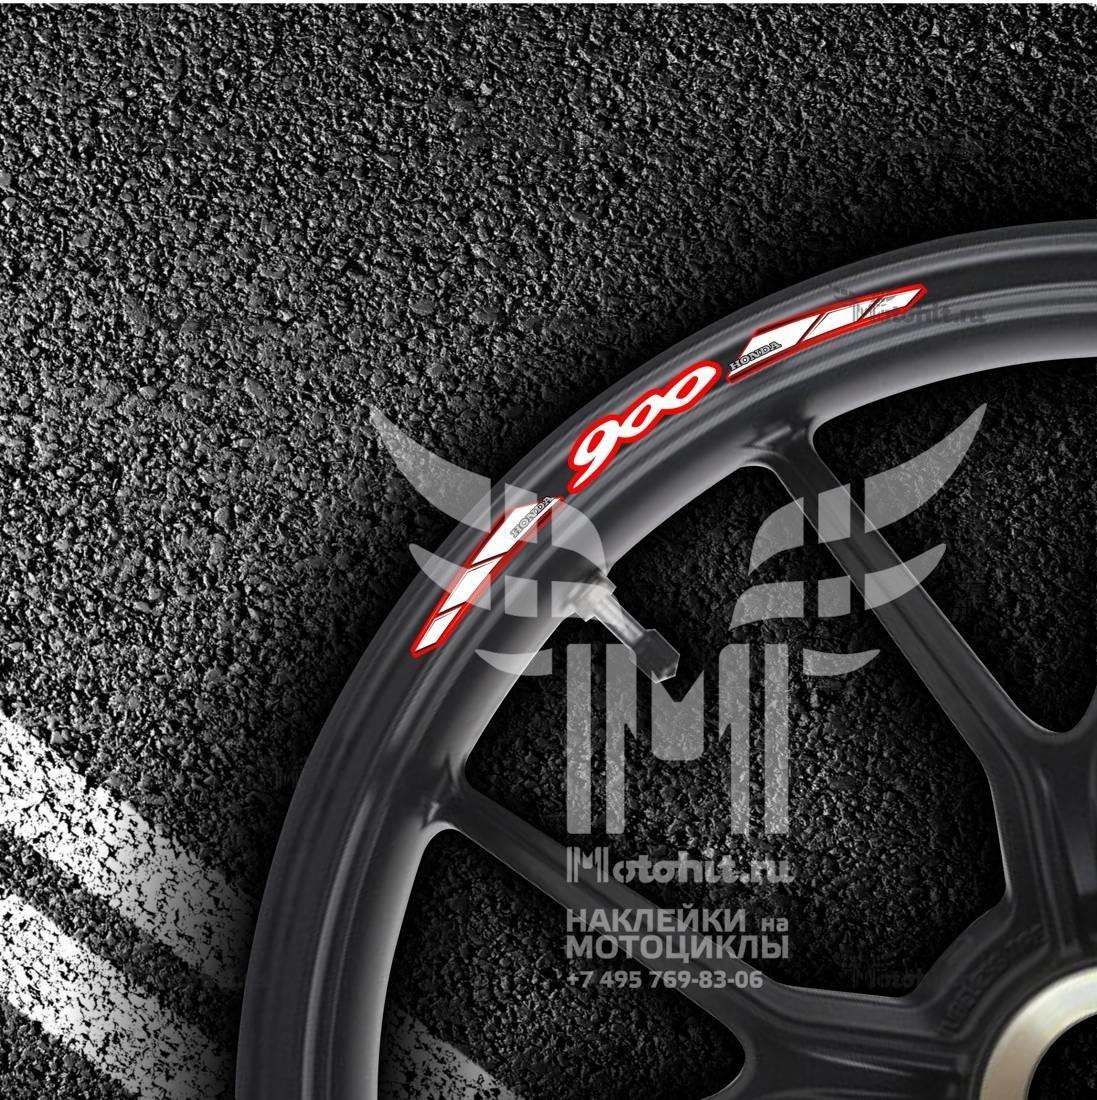 Комплект наклеек на обод колеса мотоцикла HONDA 900